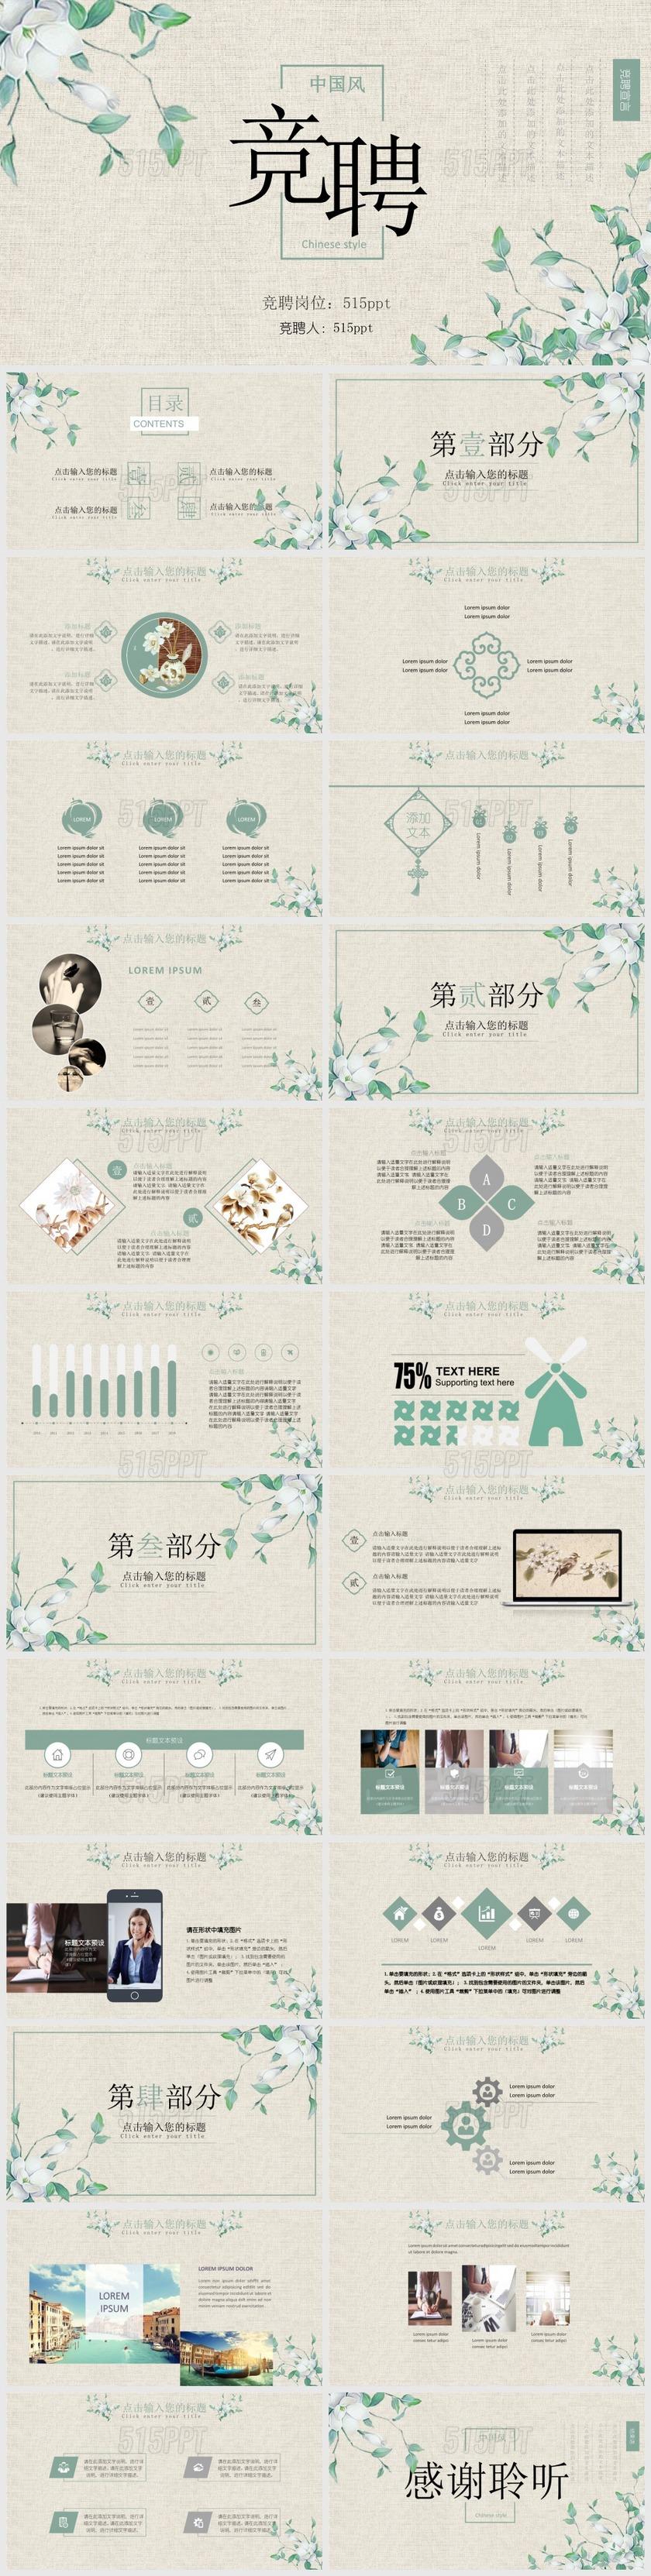 中国风竞聘PPT模板